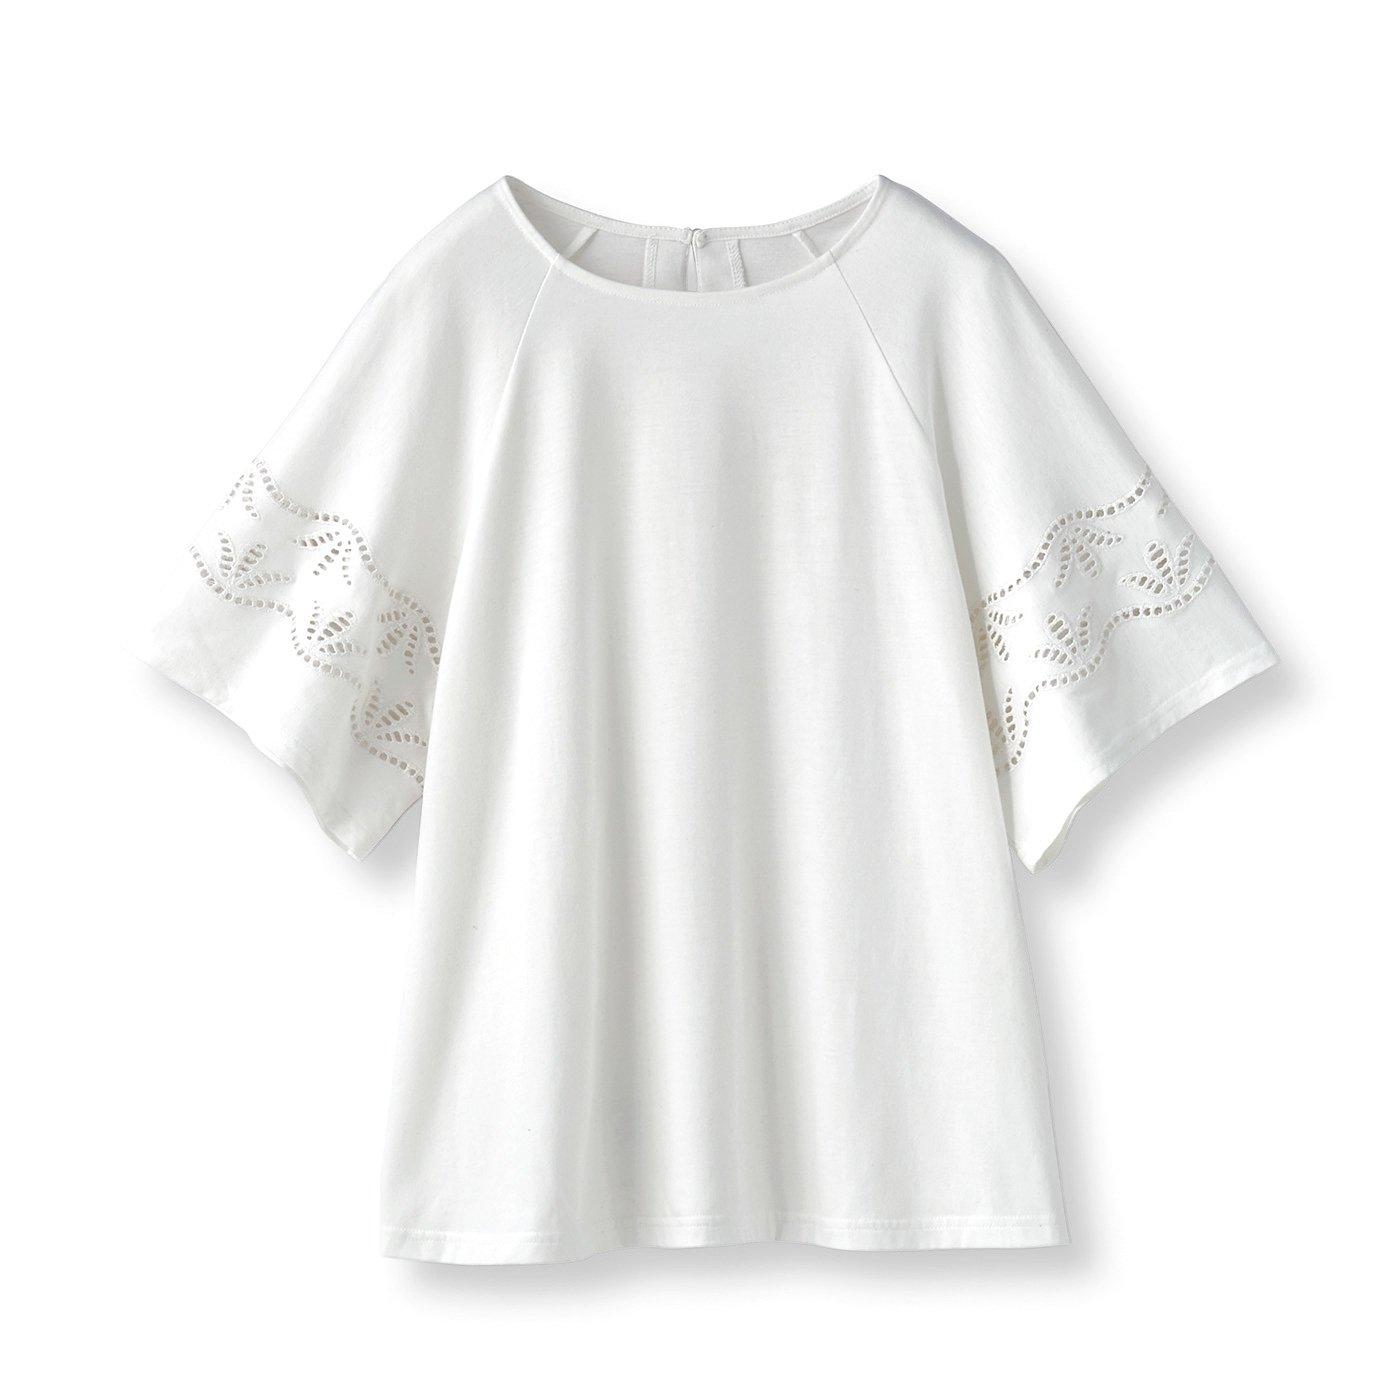 フラウグラット ひらりんカットワークレースのきれい見えTシャツ〈吸水速乾〉〈ホワイト〉